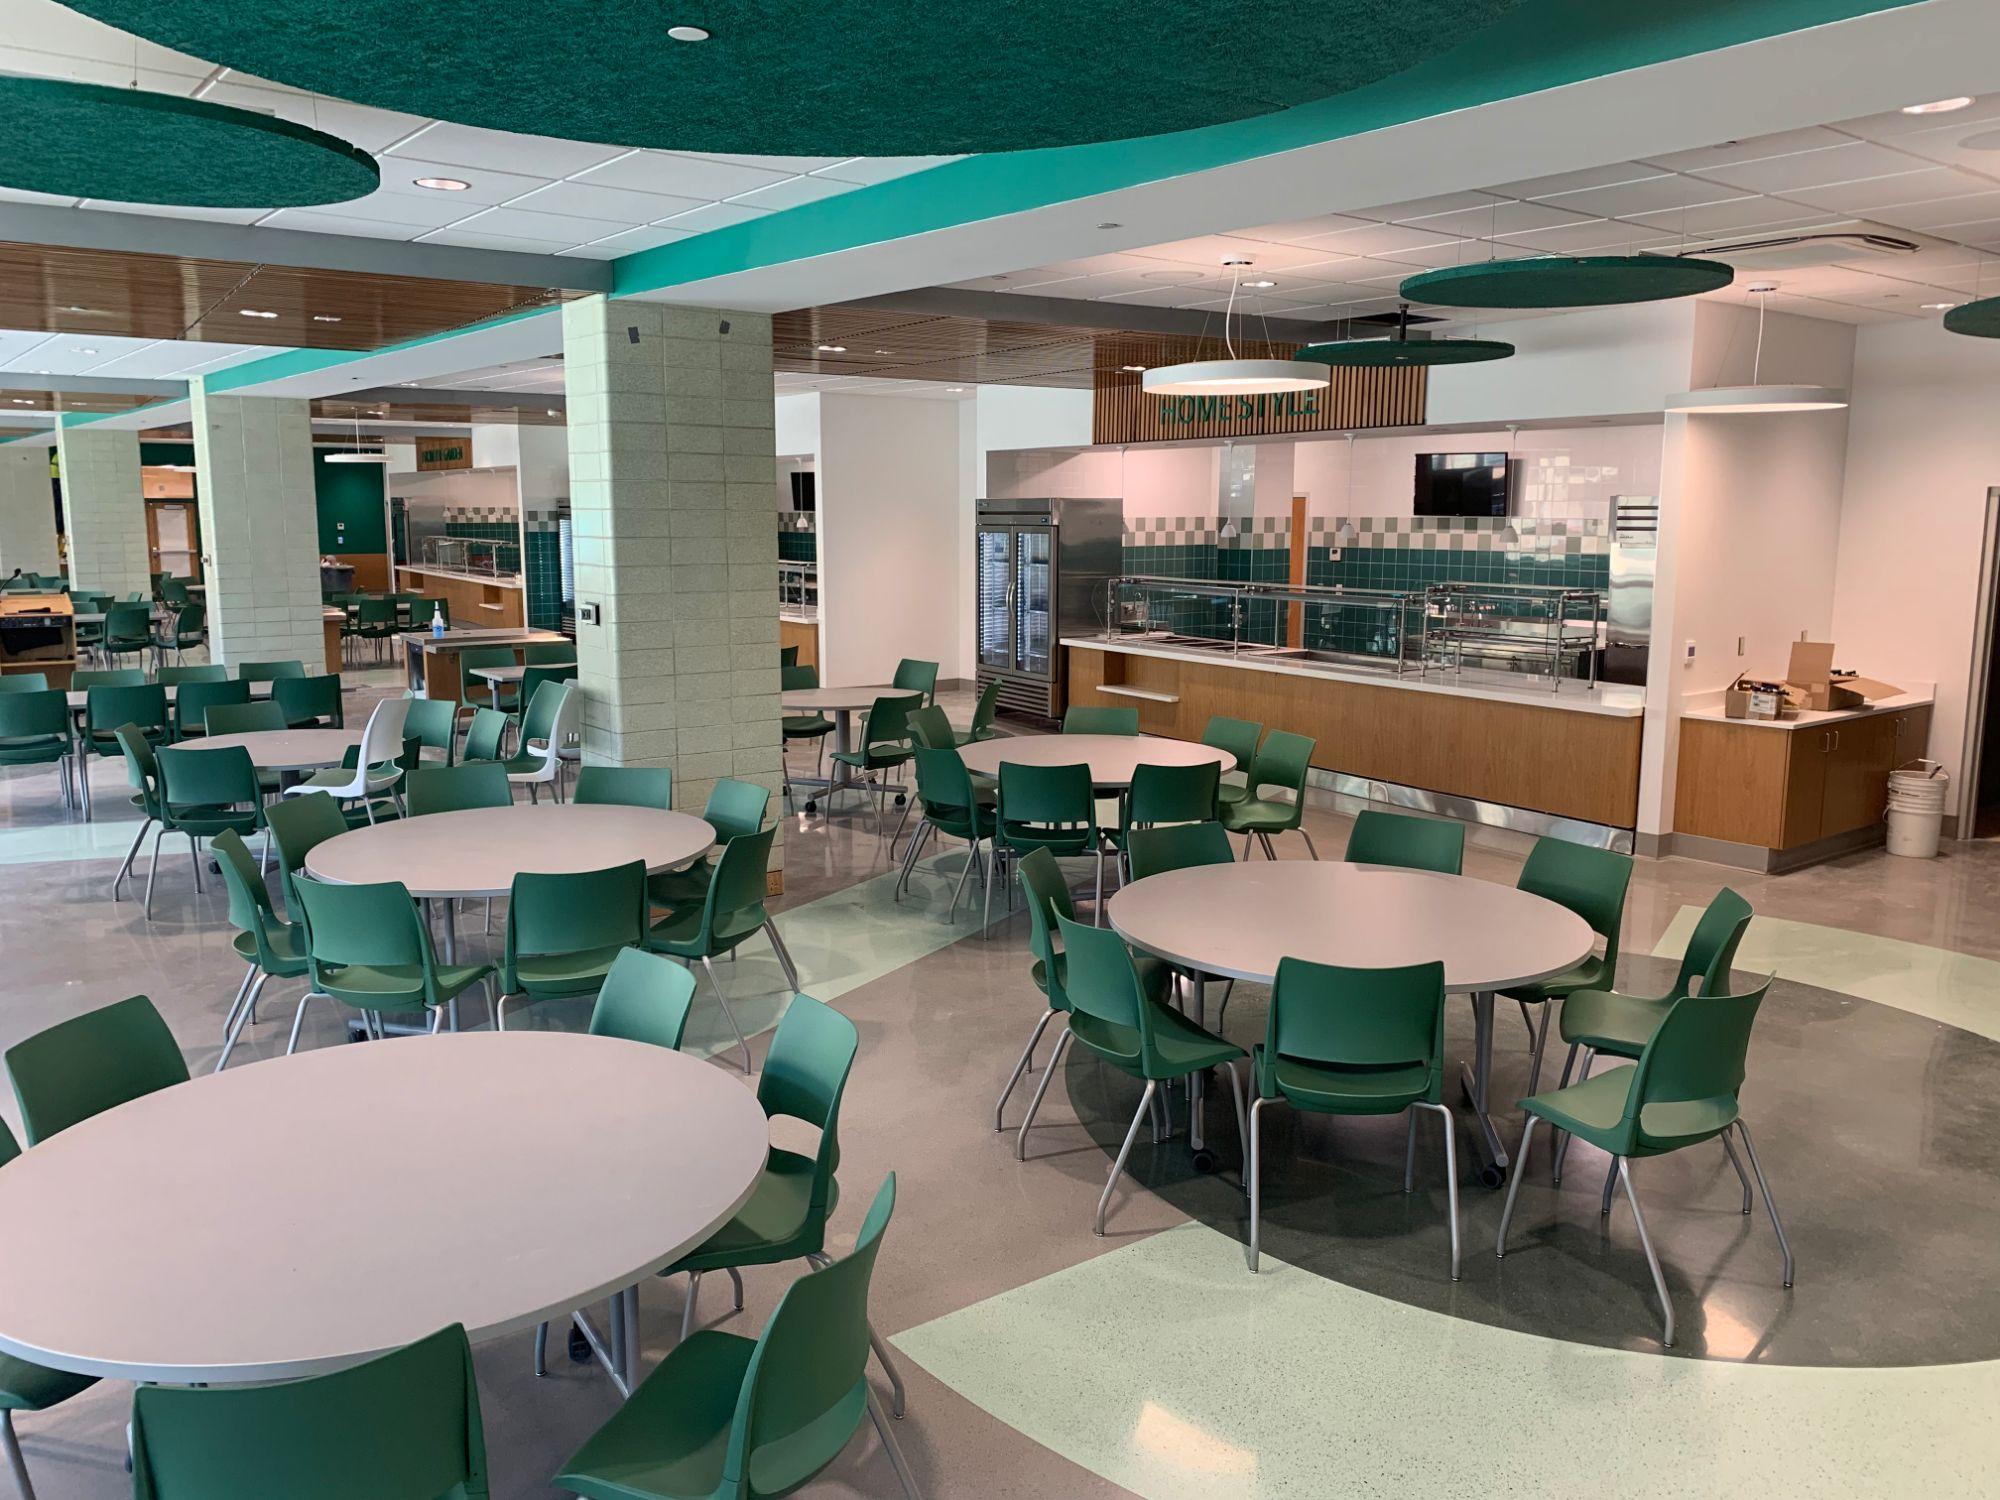 Seton High School Cafeteria  Cincinnati, OH